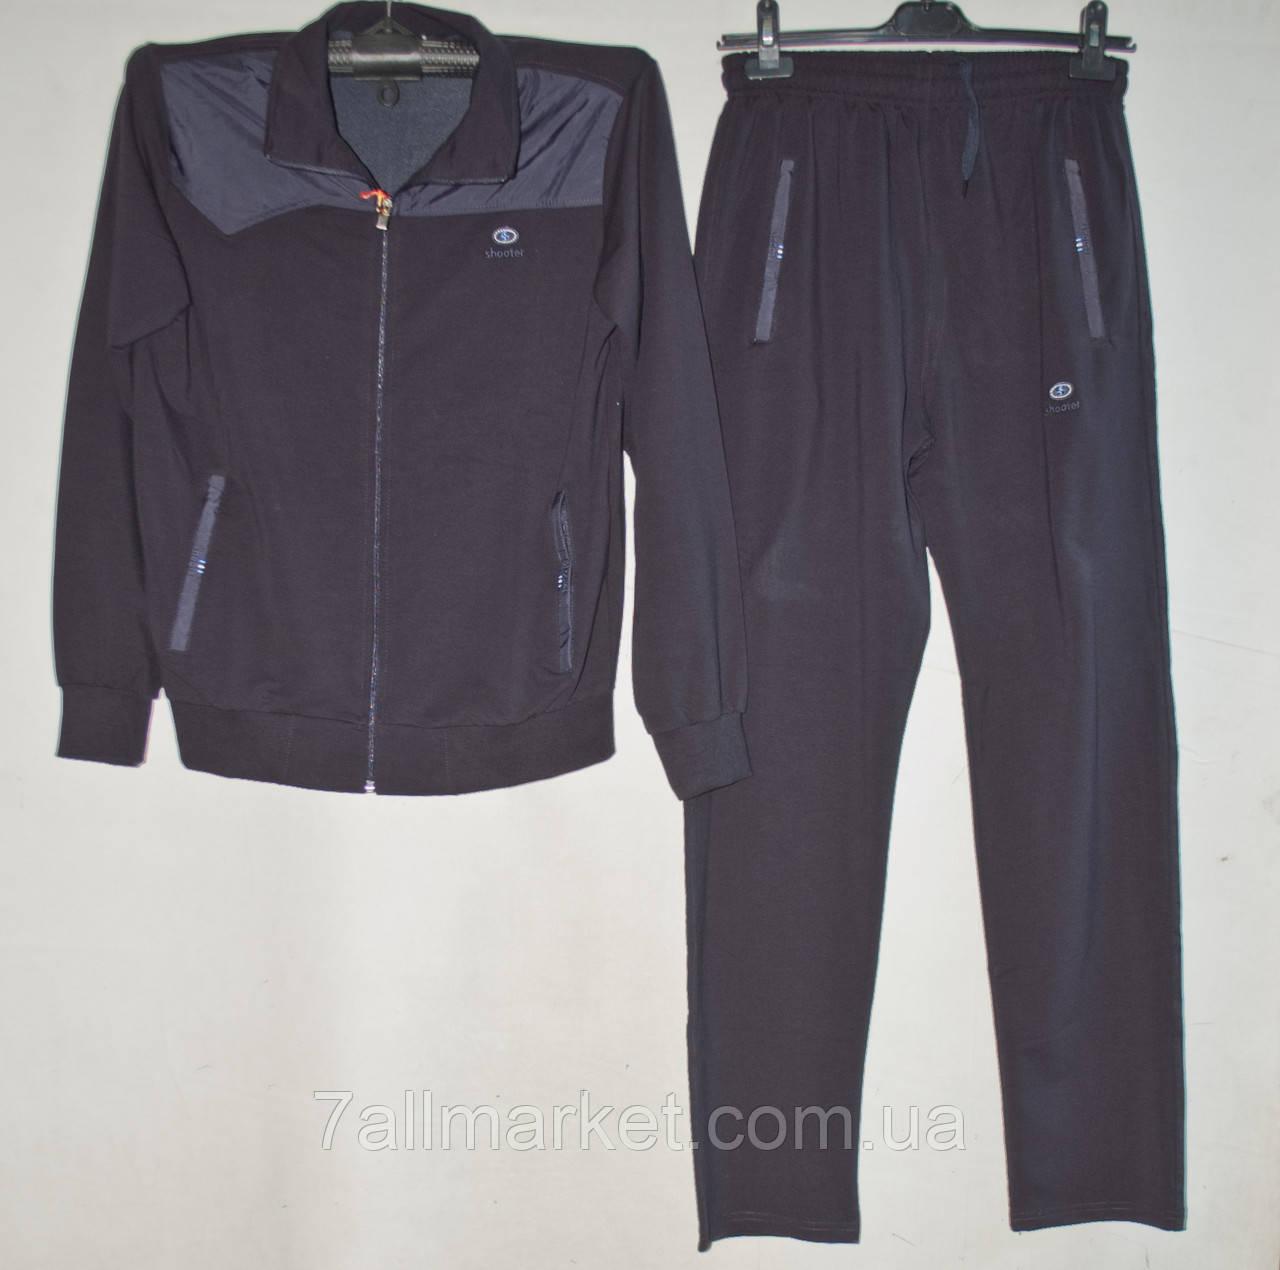 a5d5fcb9938 Спортивный костюм мужской без манжетов размеры 46-54 (2 цвета) Серии